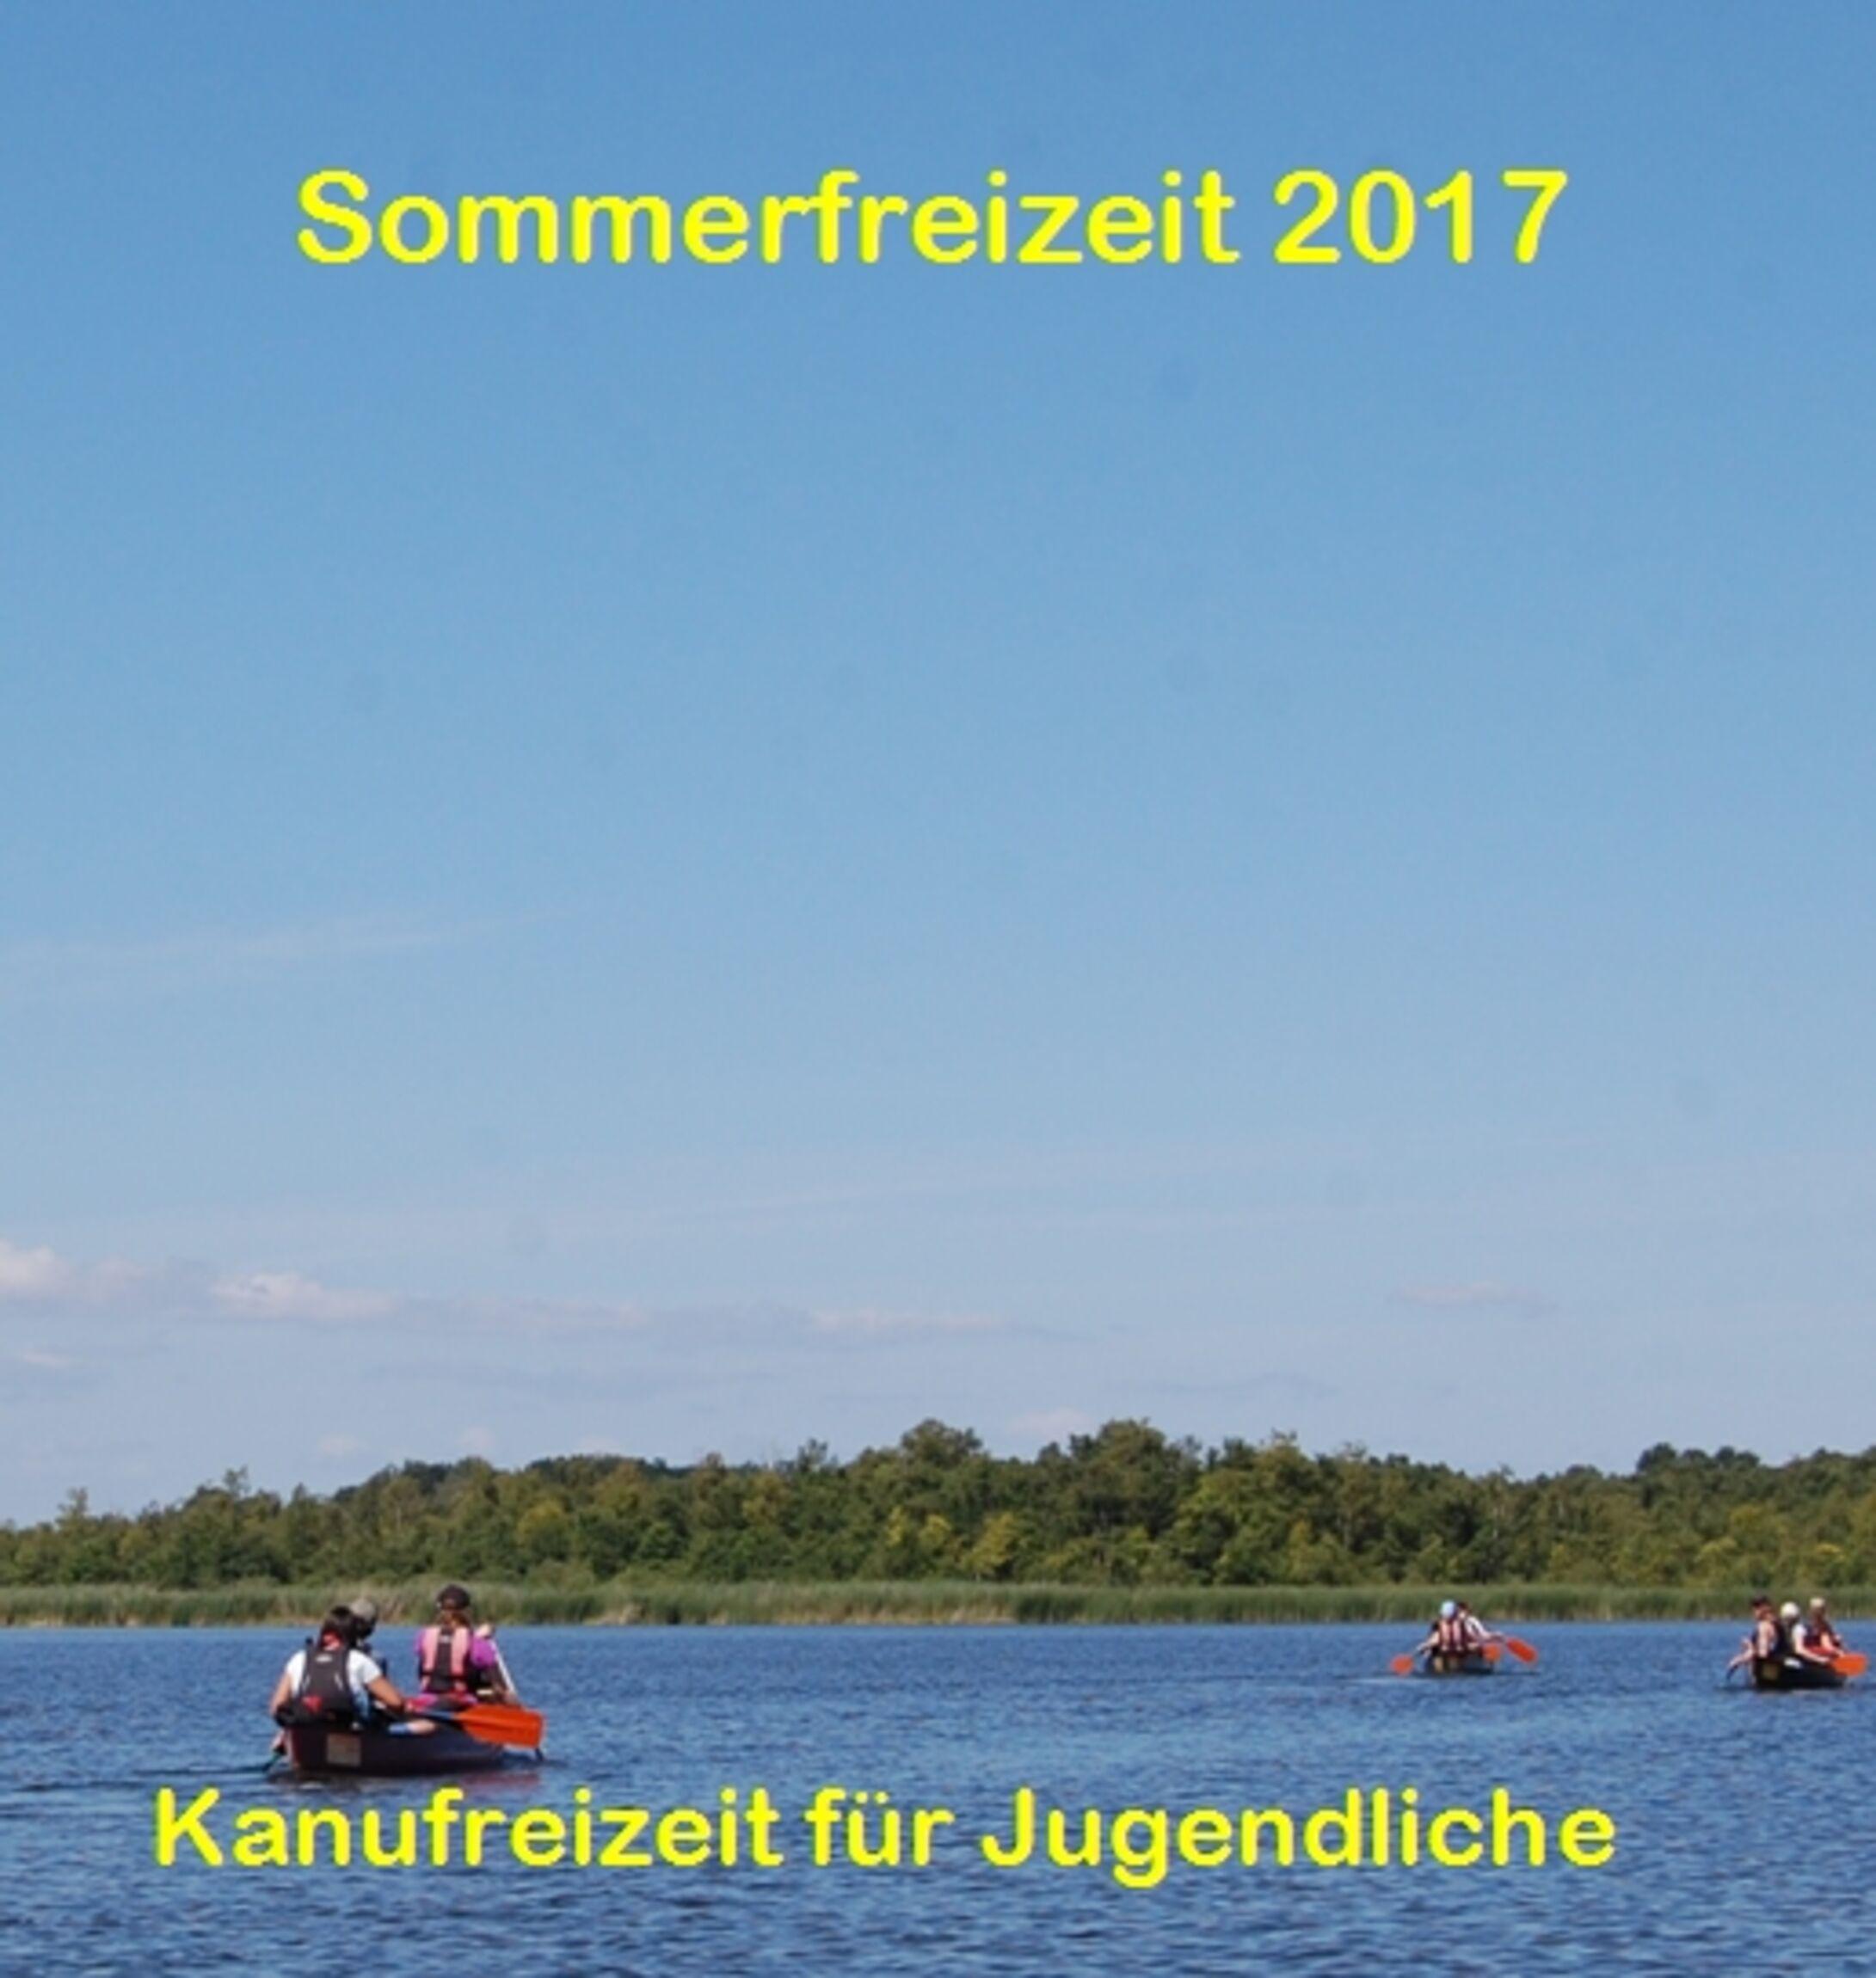 sommer2017